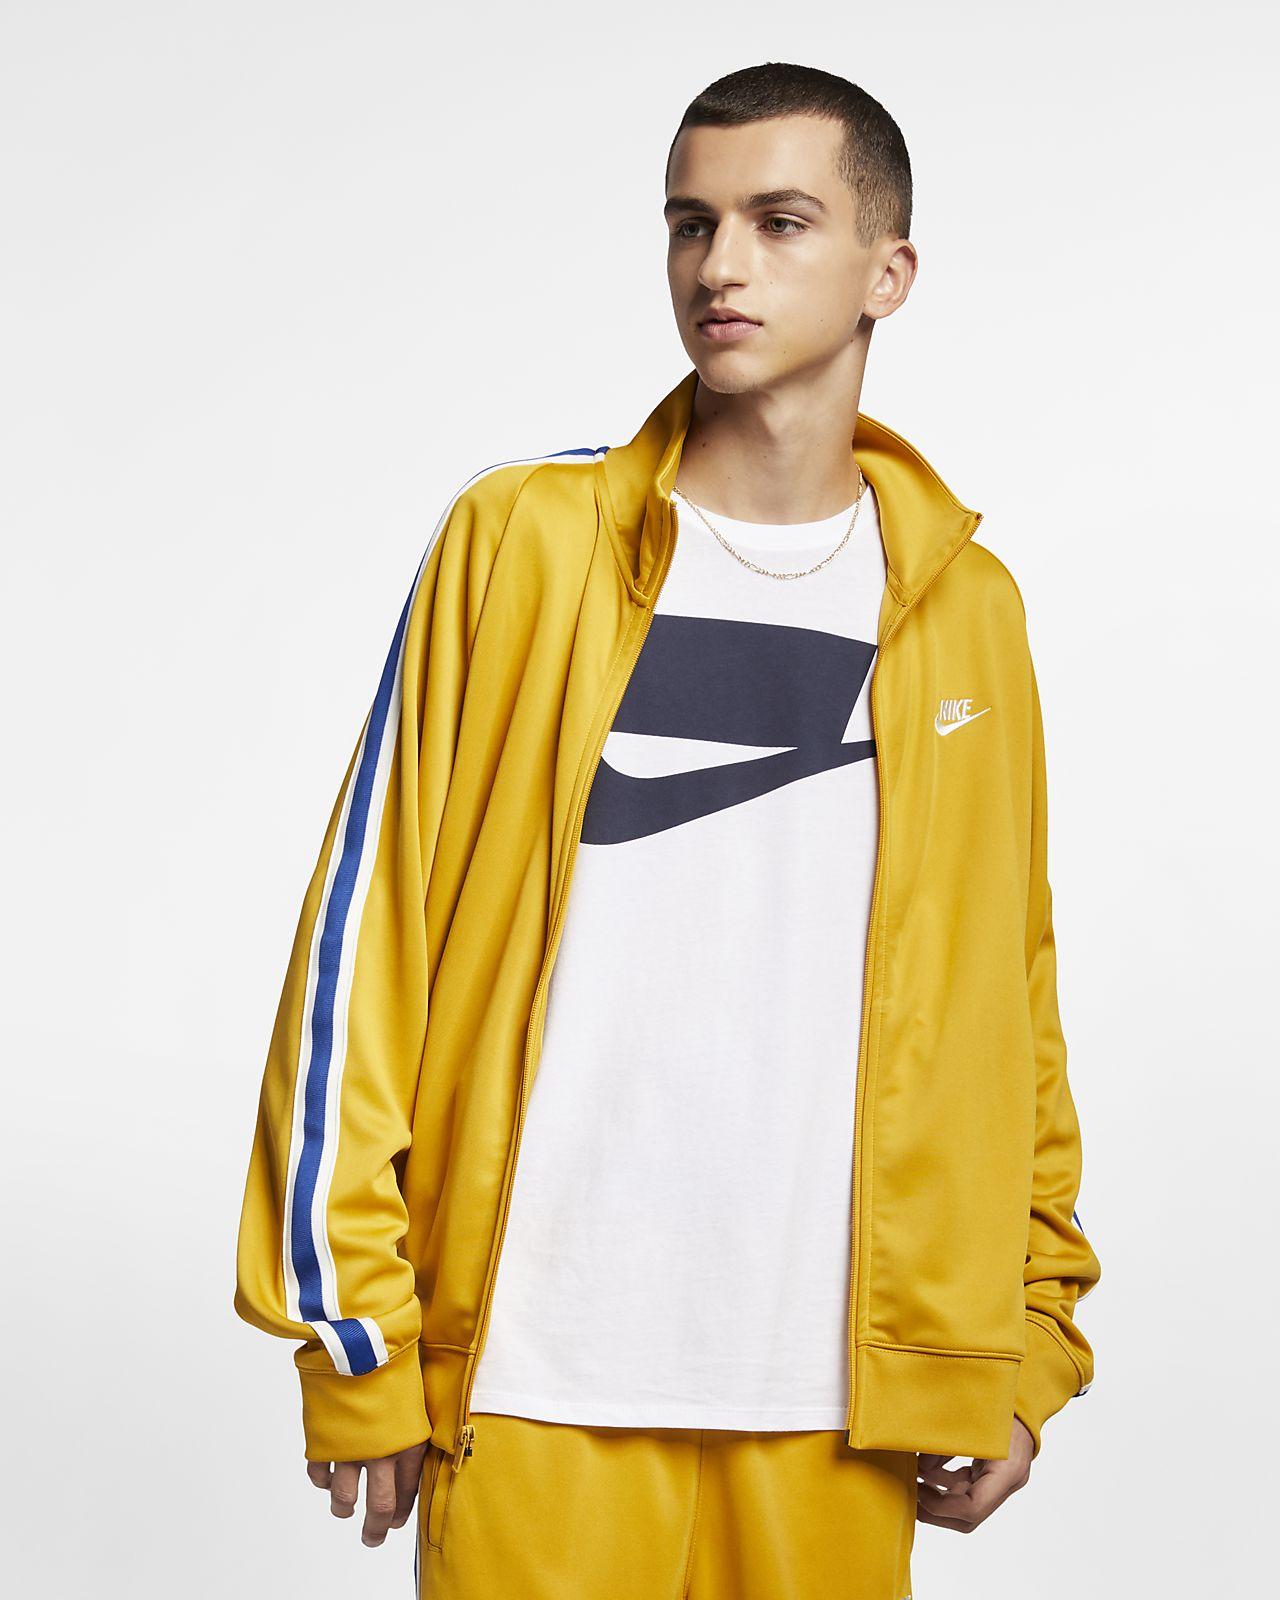 89dcd286f363 Nike Sportswear N98 Men s Knit Warm-Up Jacket. Nike.com BE